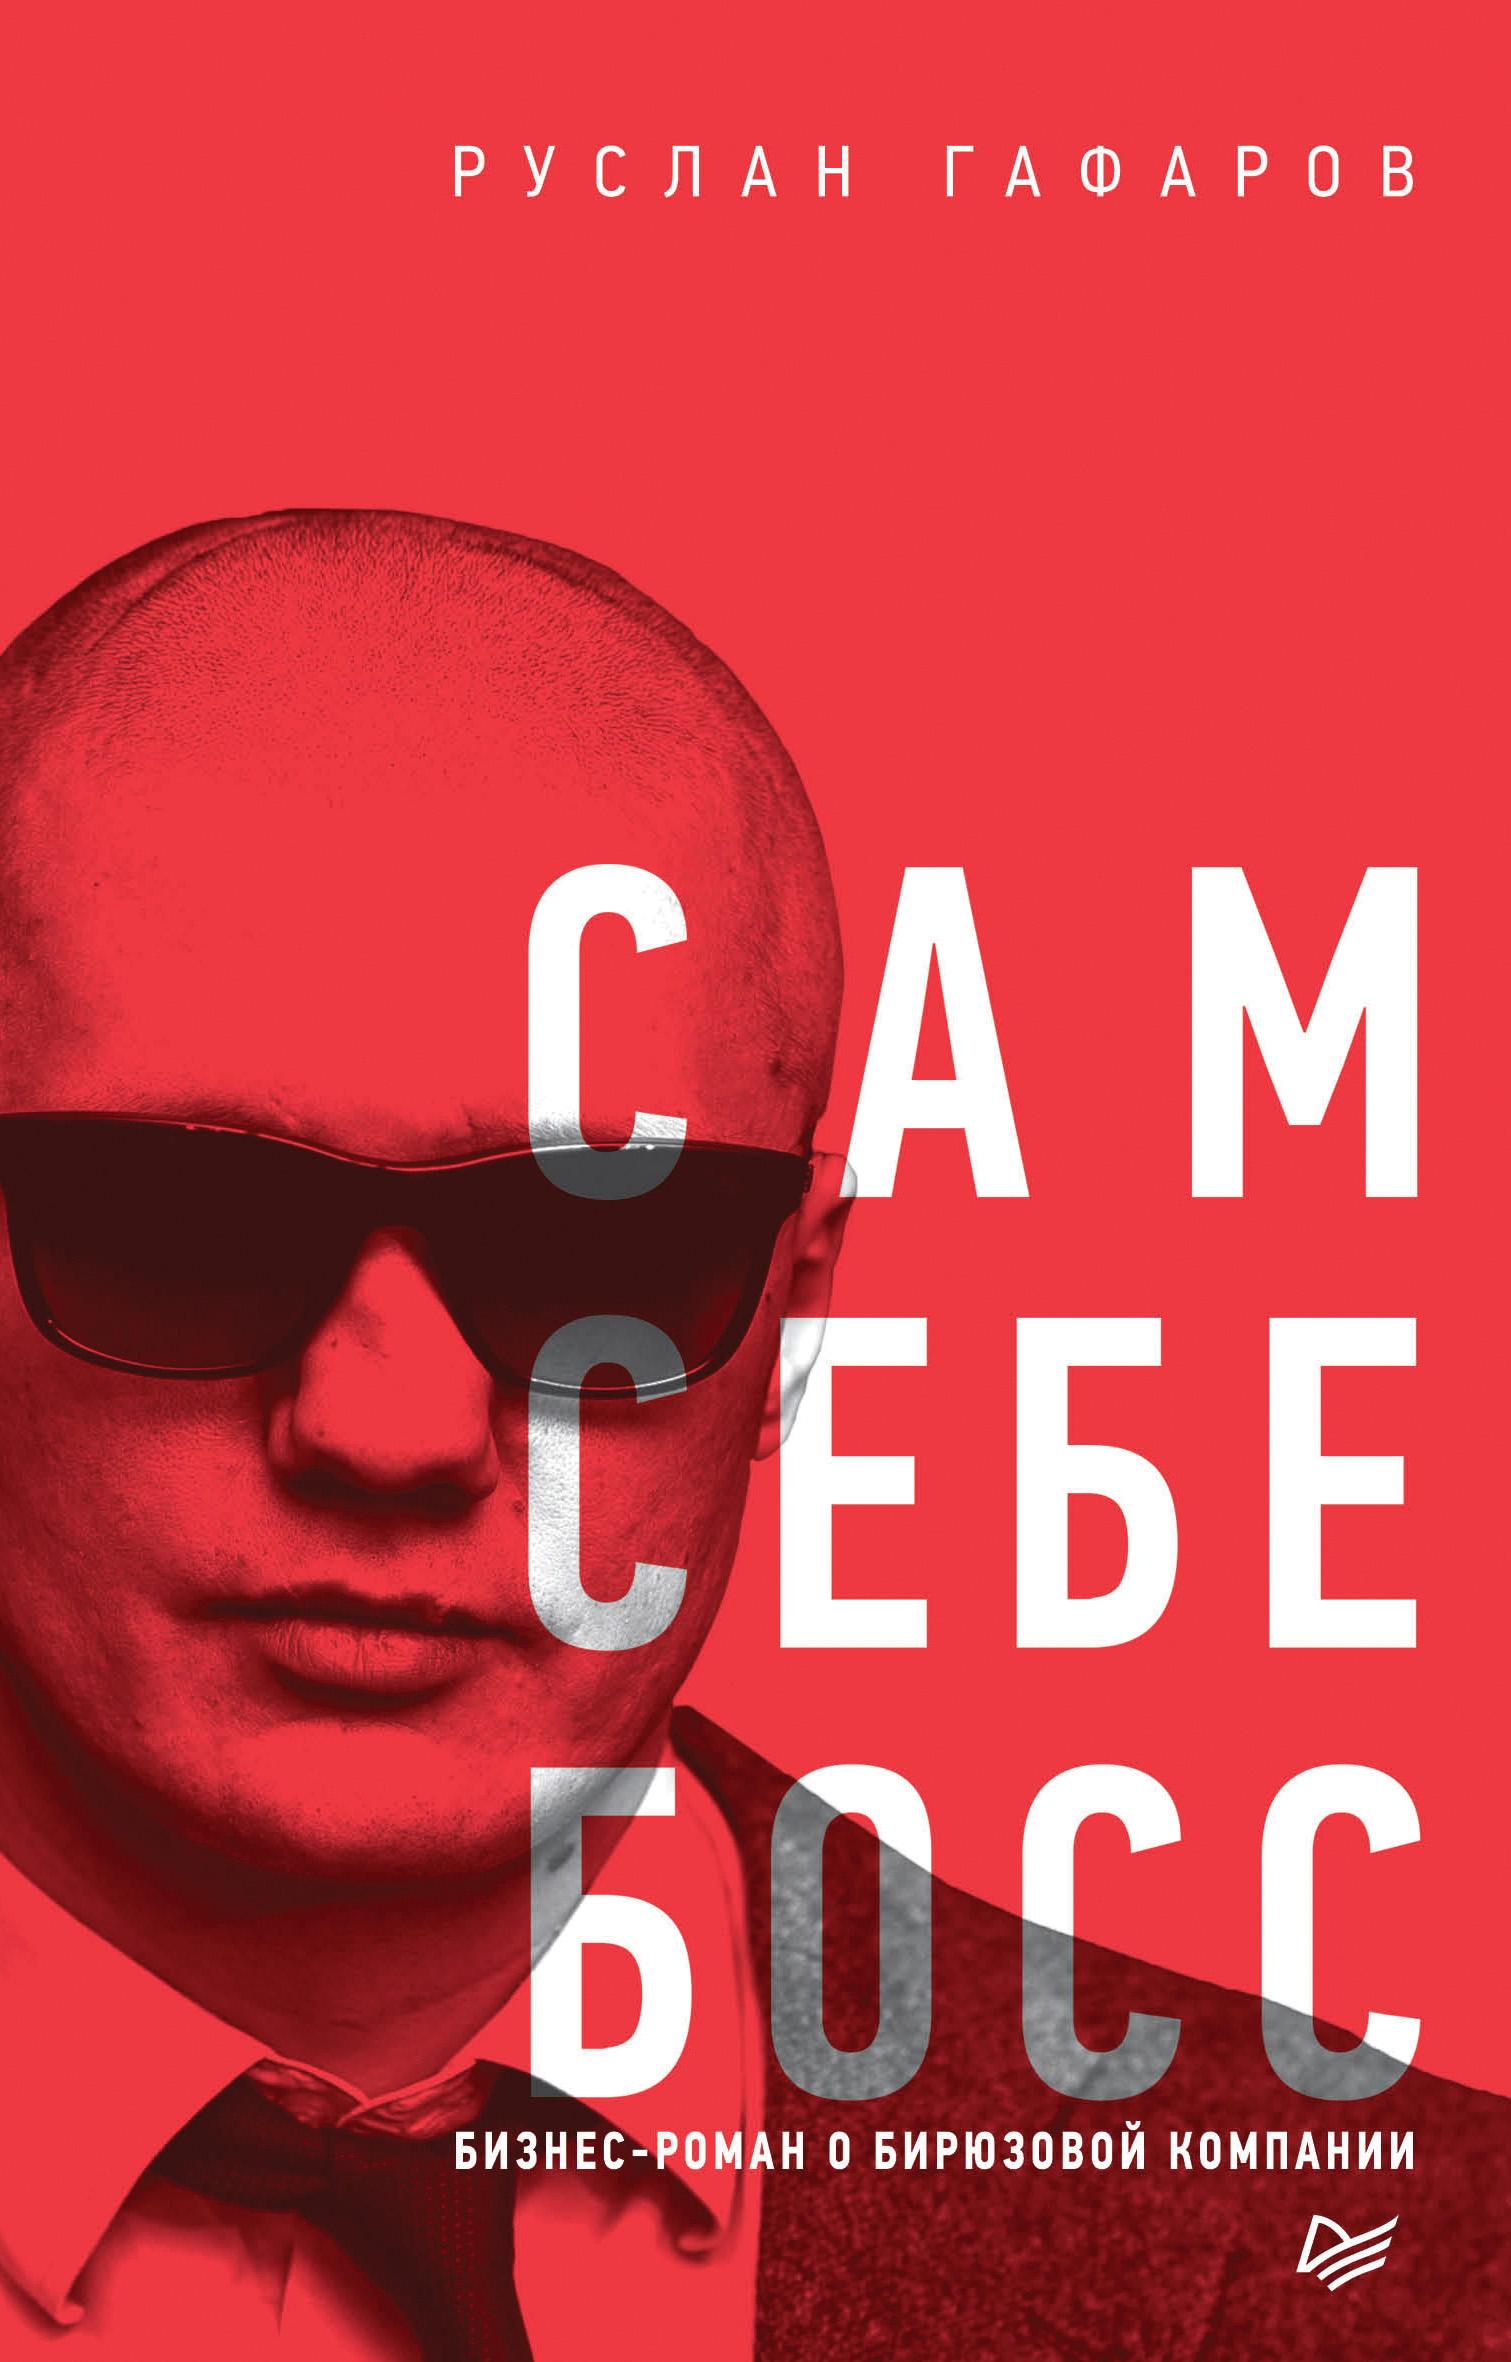 Обложка книги. Автор - Руслан Гафаров